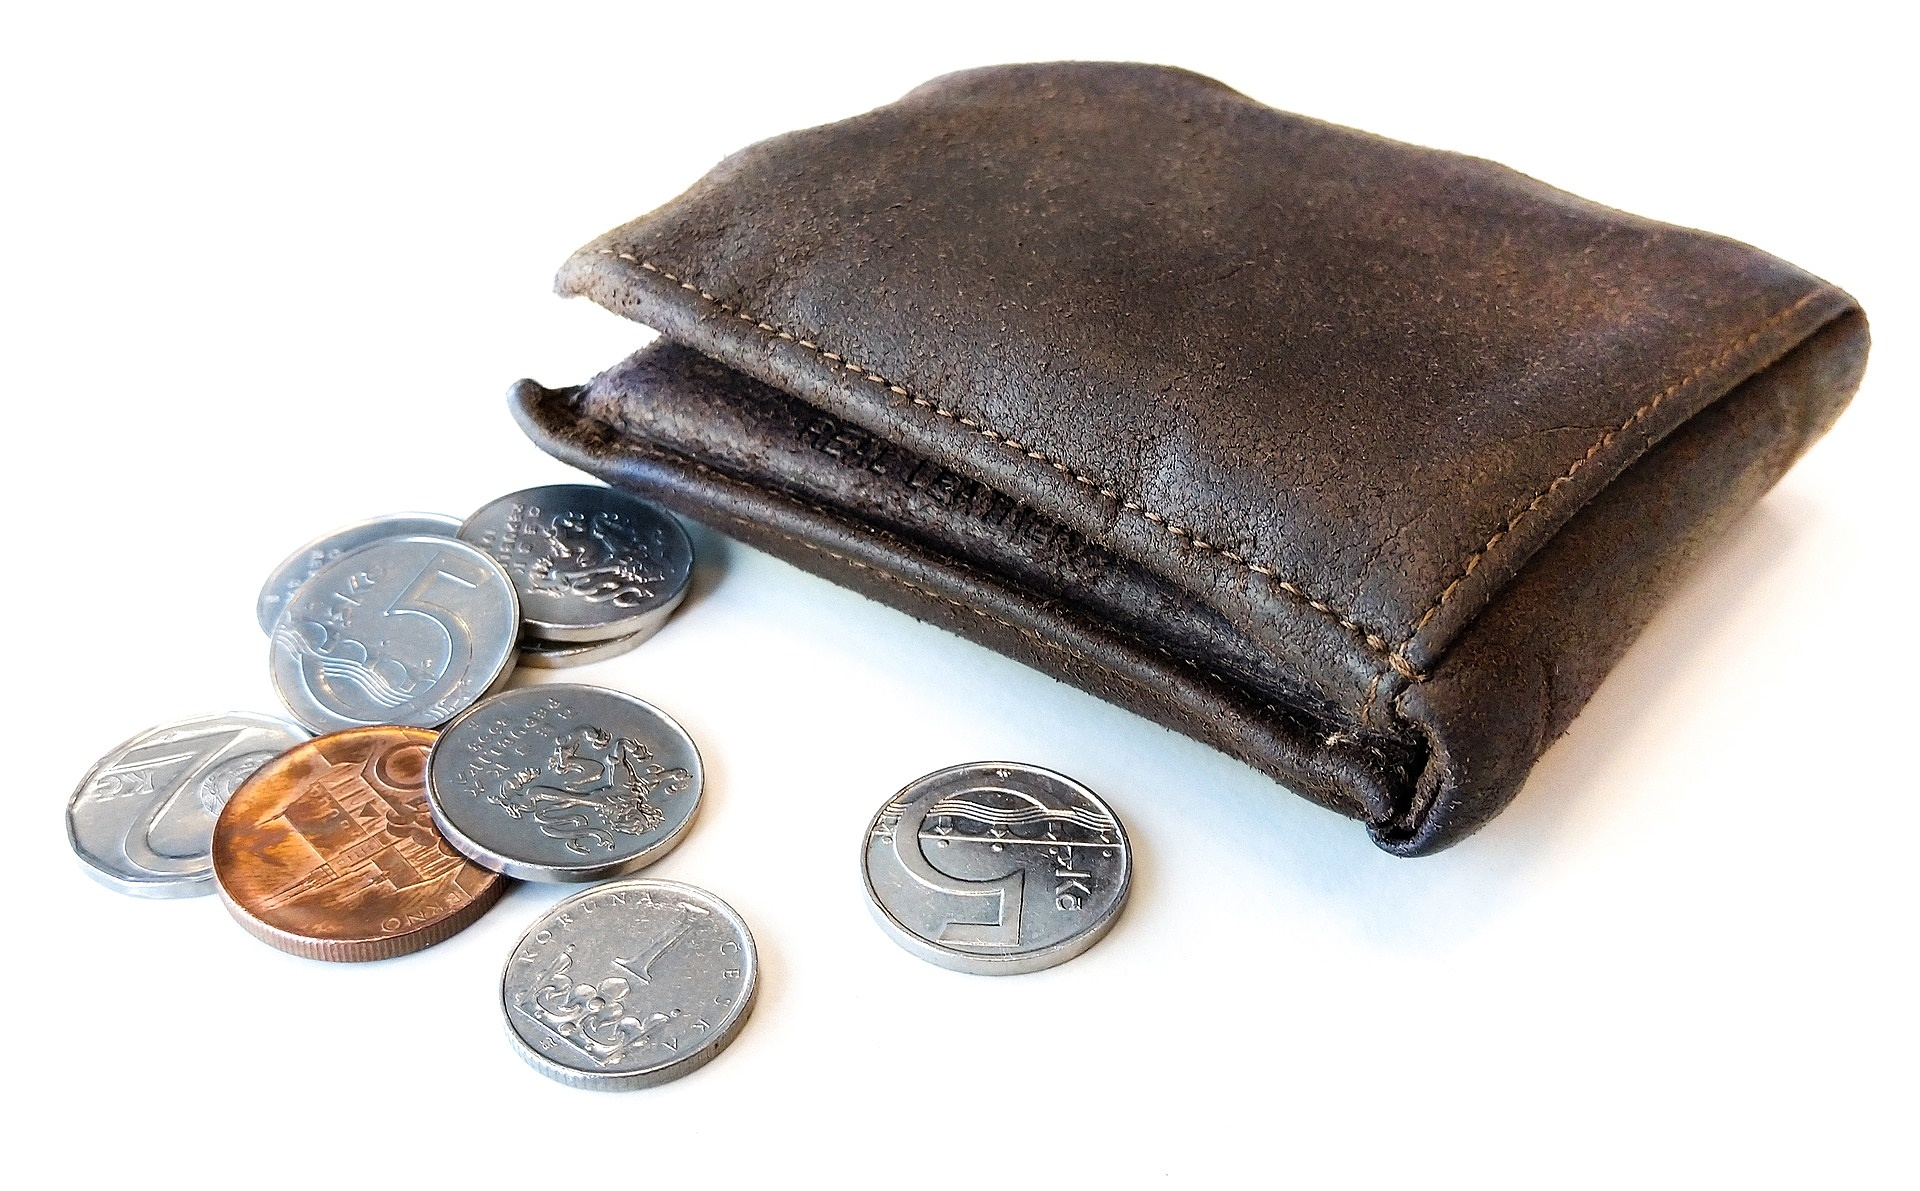 kurzarbeit: finanční pomoc od státu